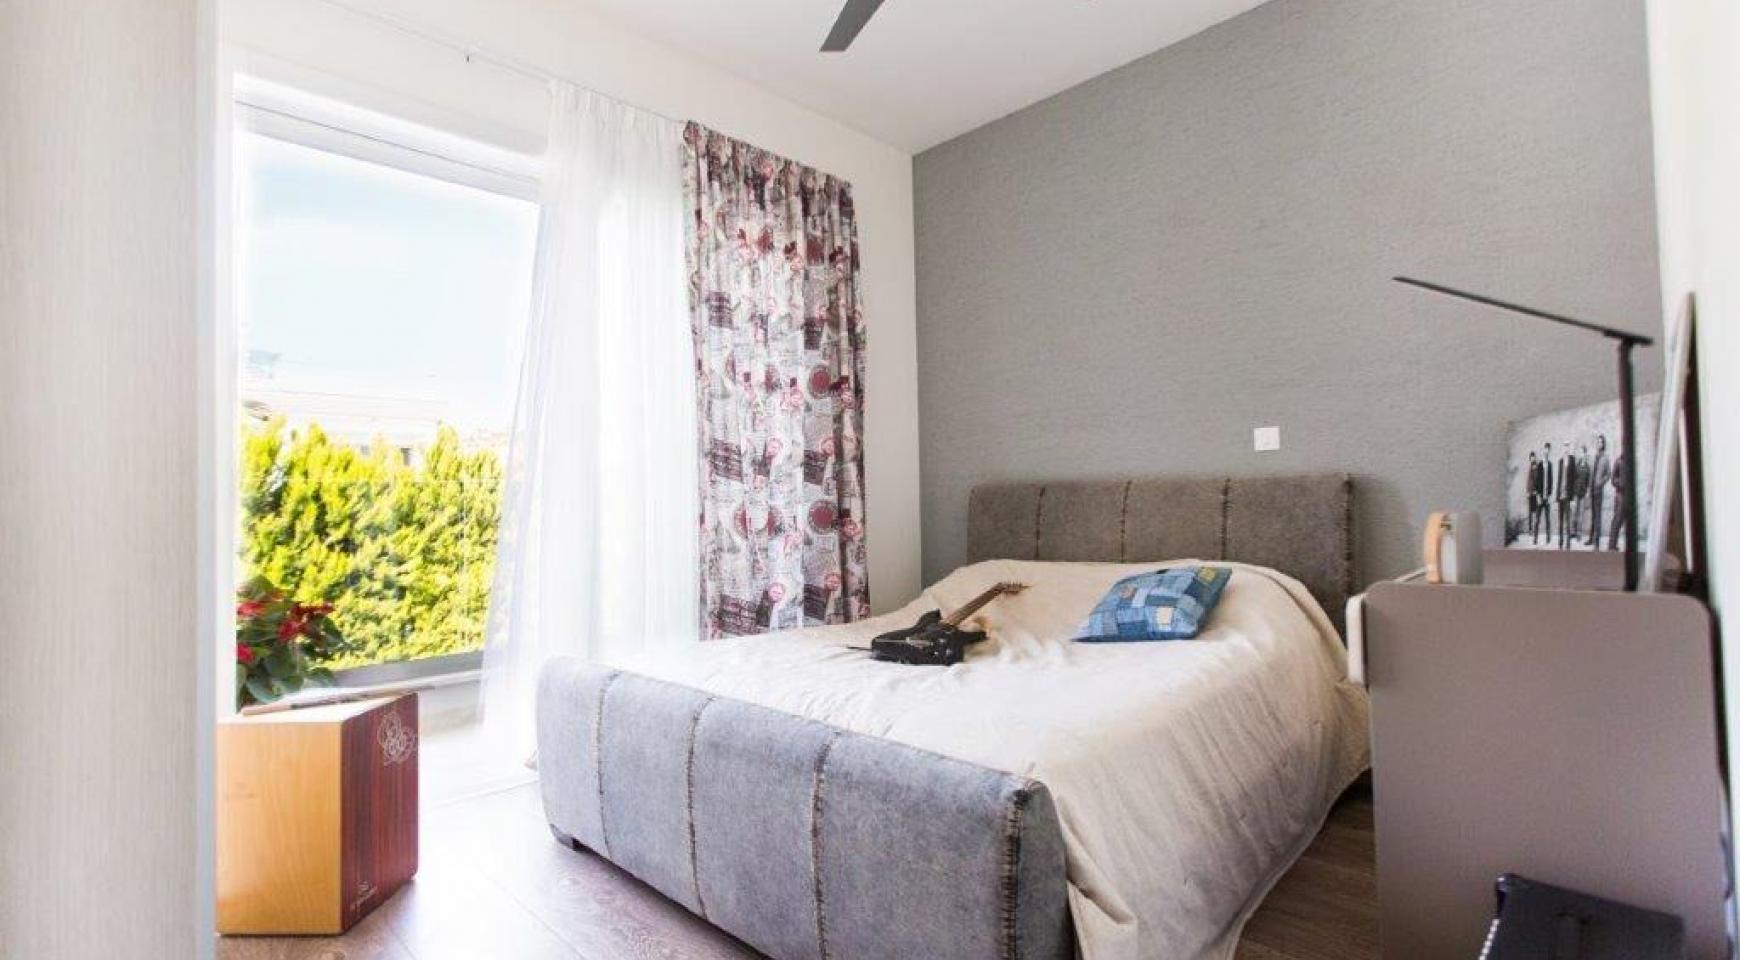 Αντίγραφο Αντίγραφο Αντίγραφο New 3 Bedroom Villa in Ipsonas Area - 8